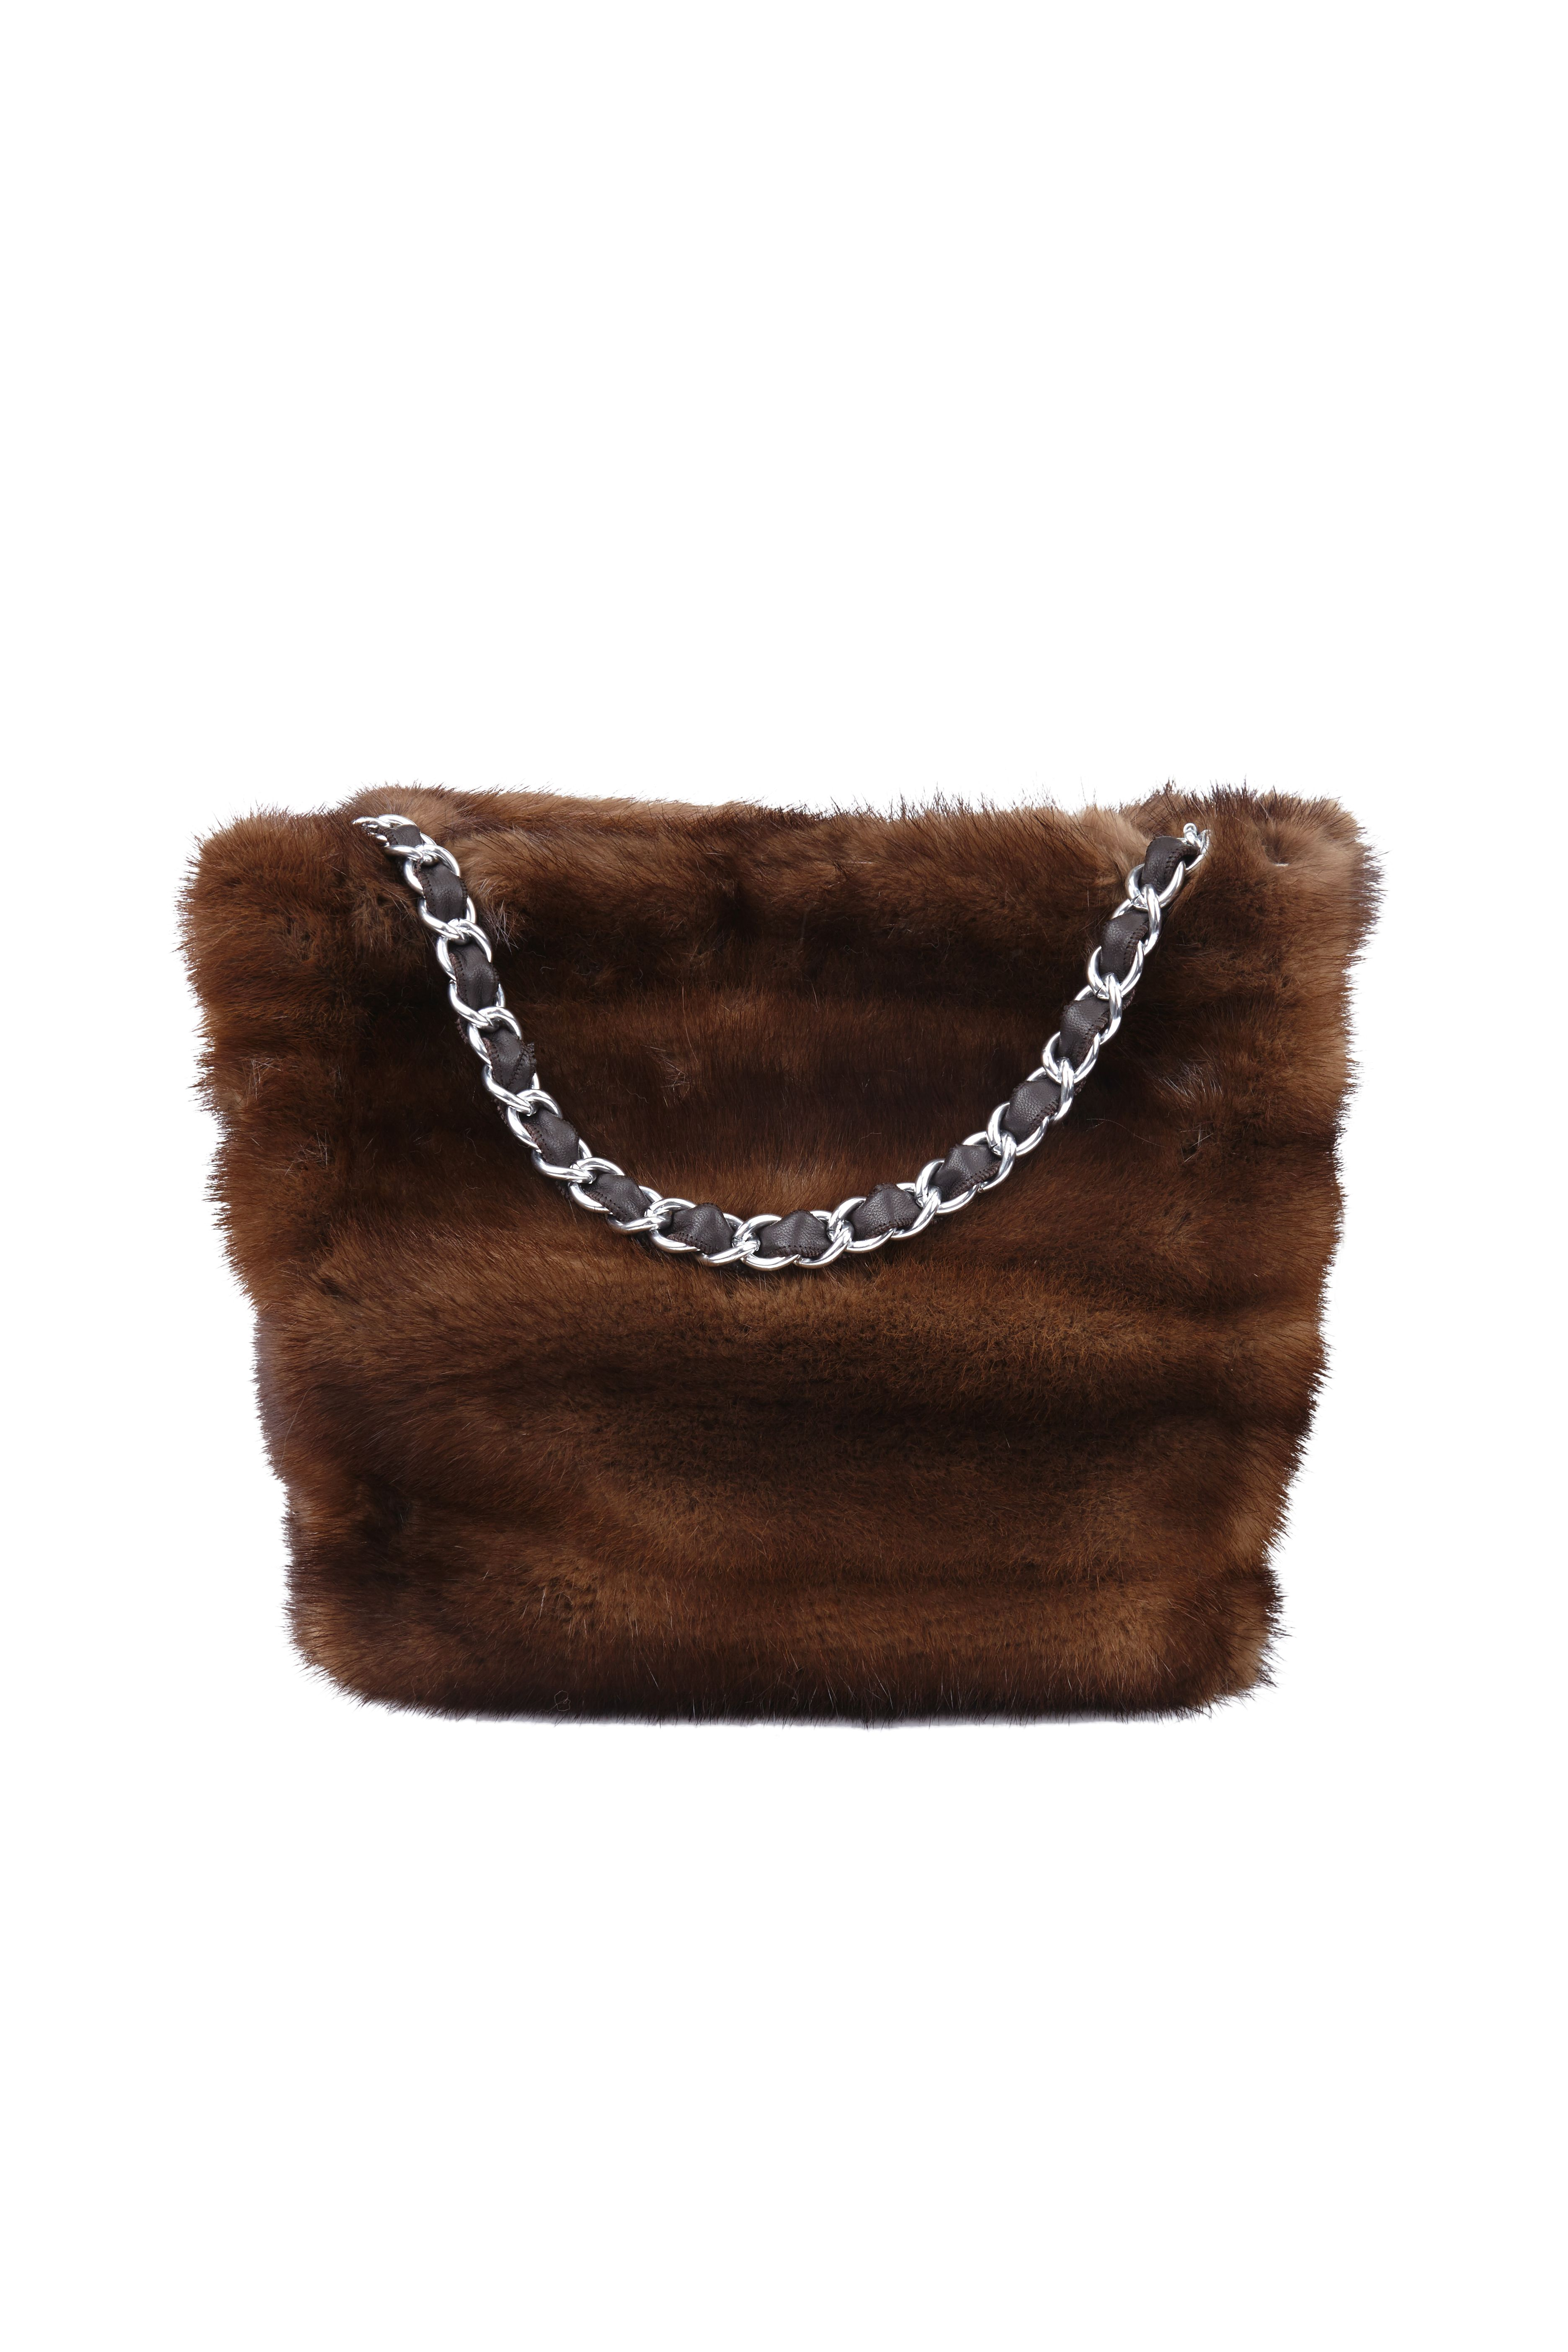 Bolso de Lomos de Visón Demi Buff. Demi Buff Mink Bag.  mink  bag ... 67bbead20027